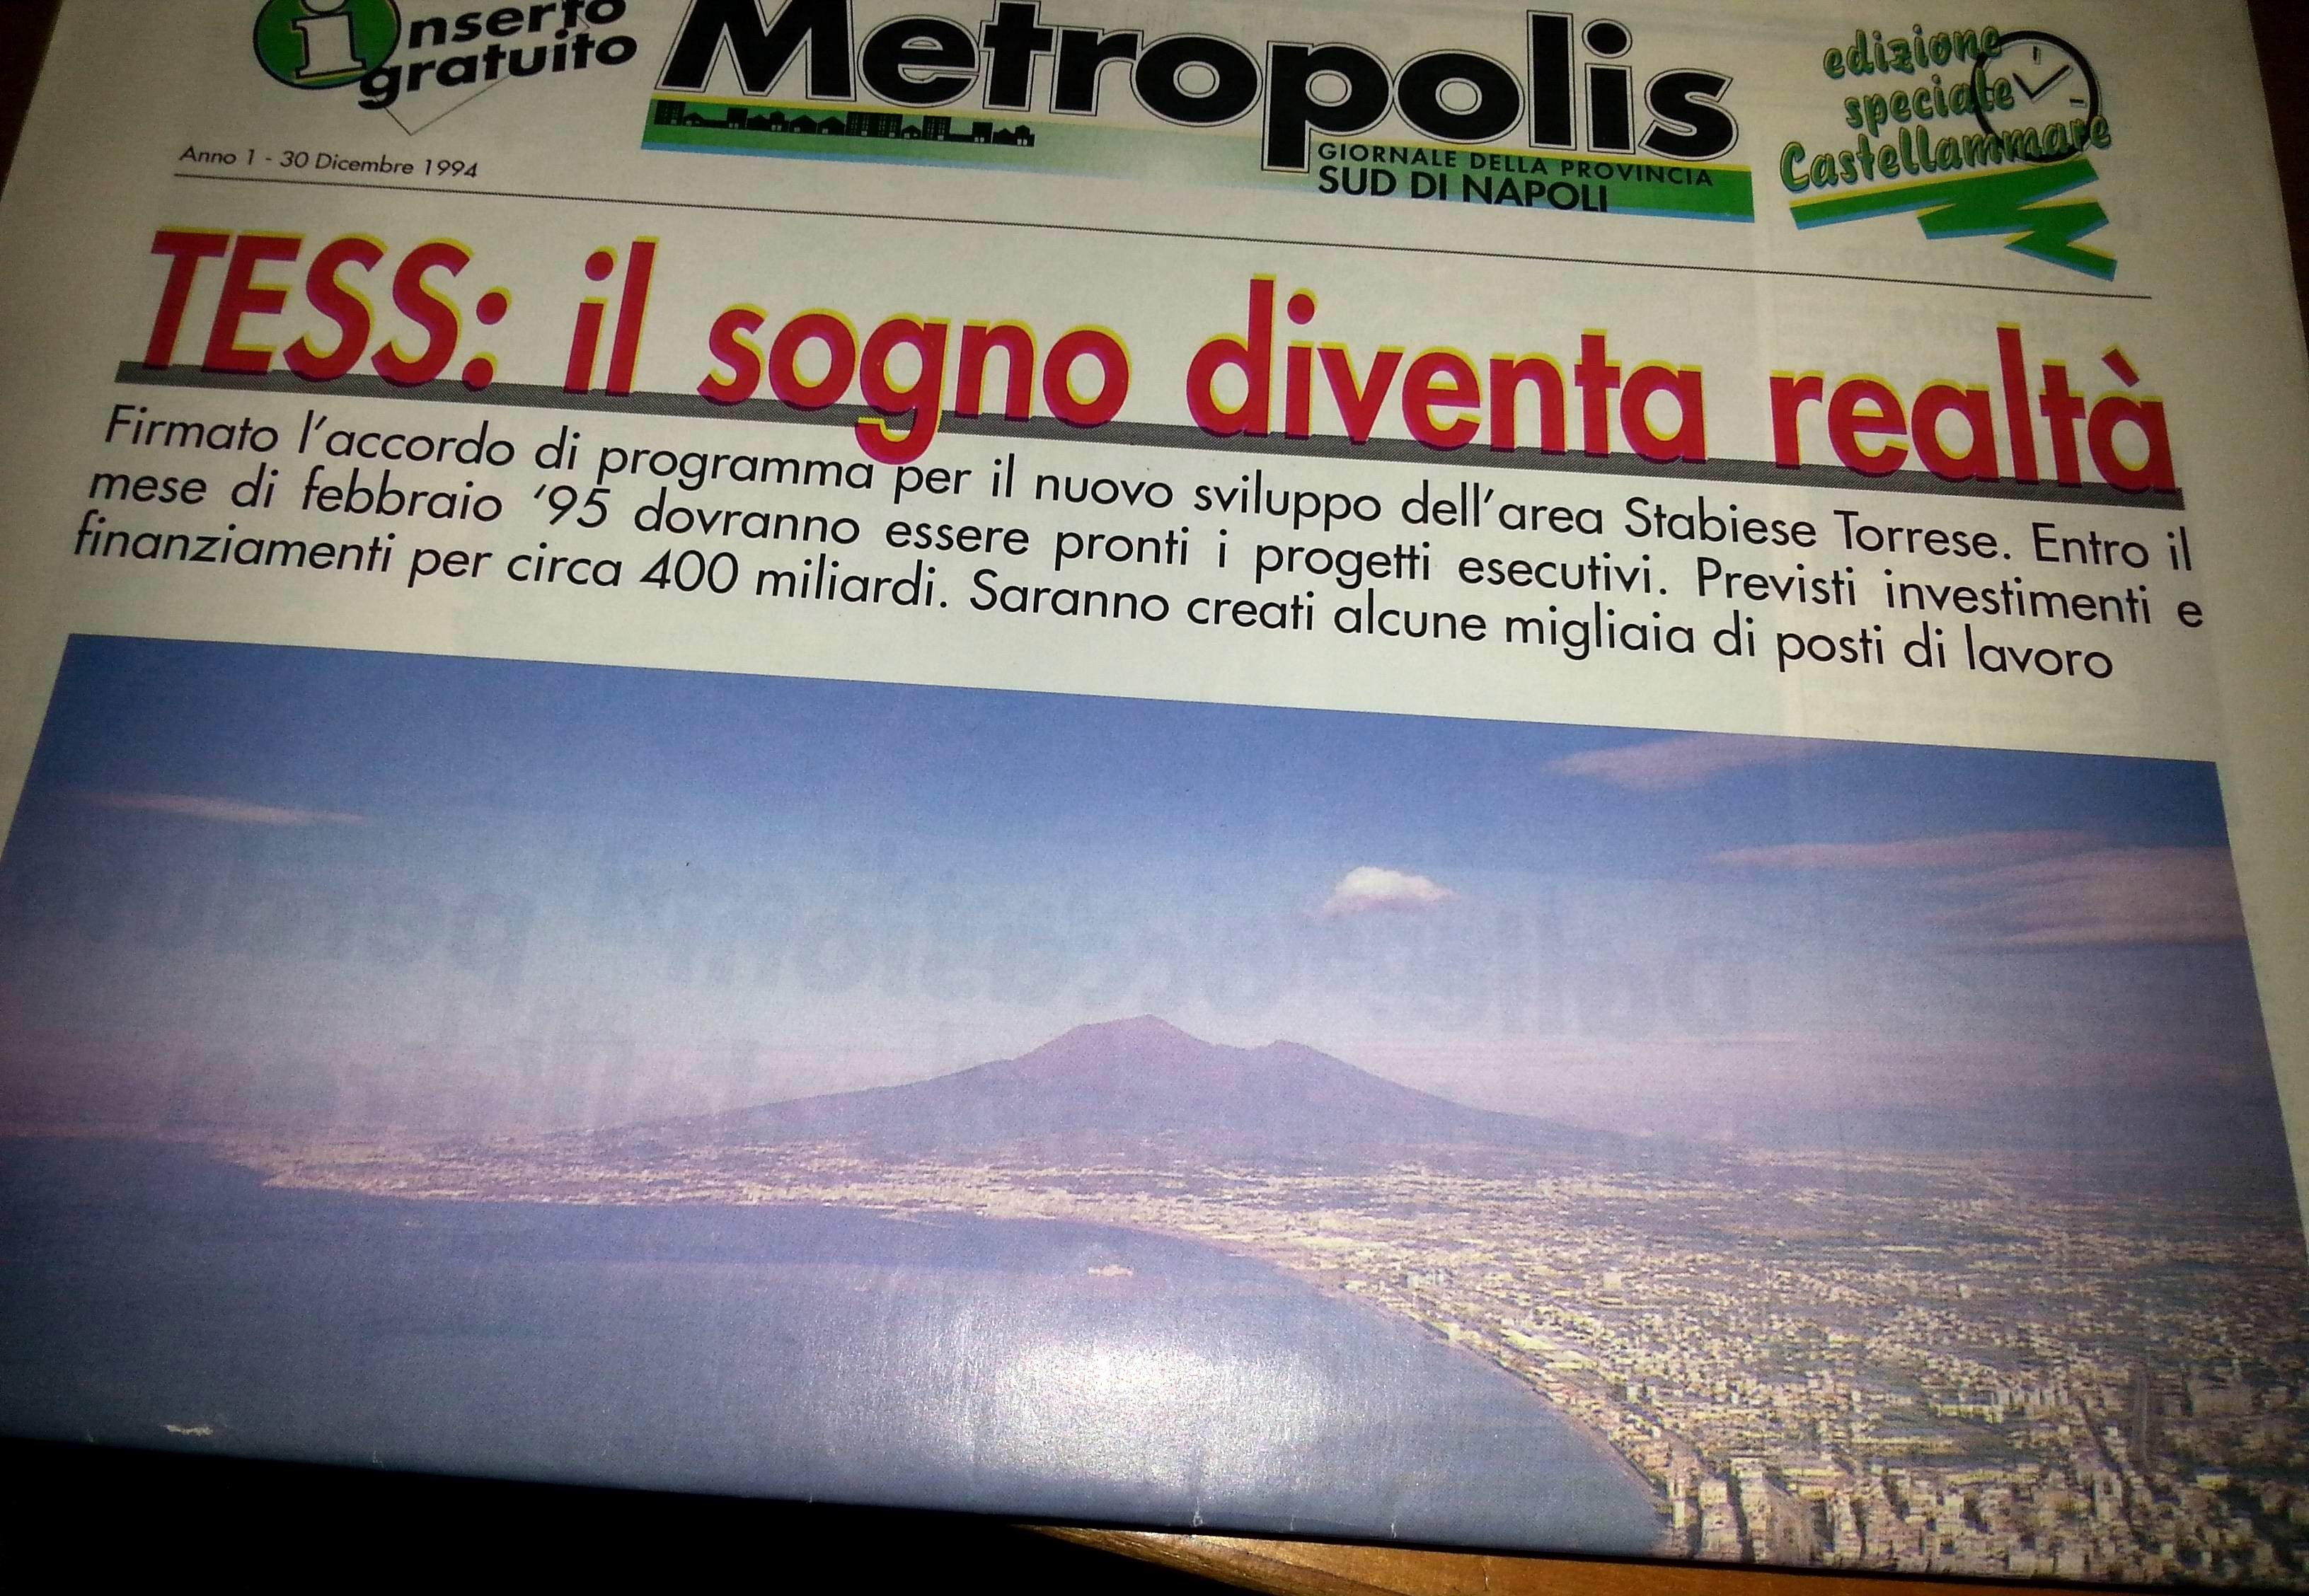 La prima pagina di Metropolis del 1994 uscita in edizione straordinaria all'indomani della nascita della Tess e del riconoscimento dell'area di crisi torrese stabiese